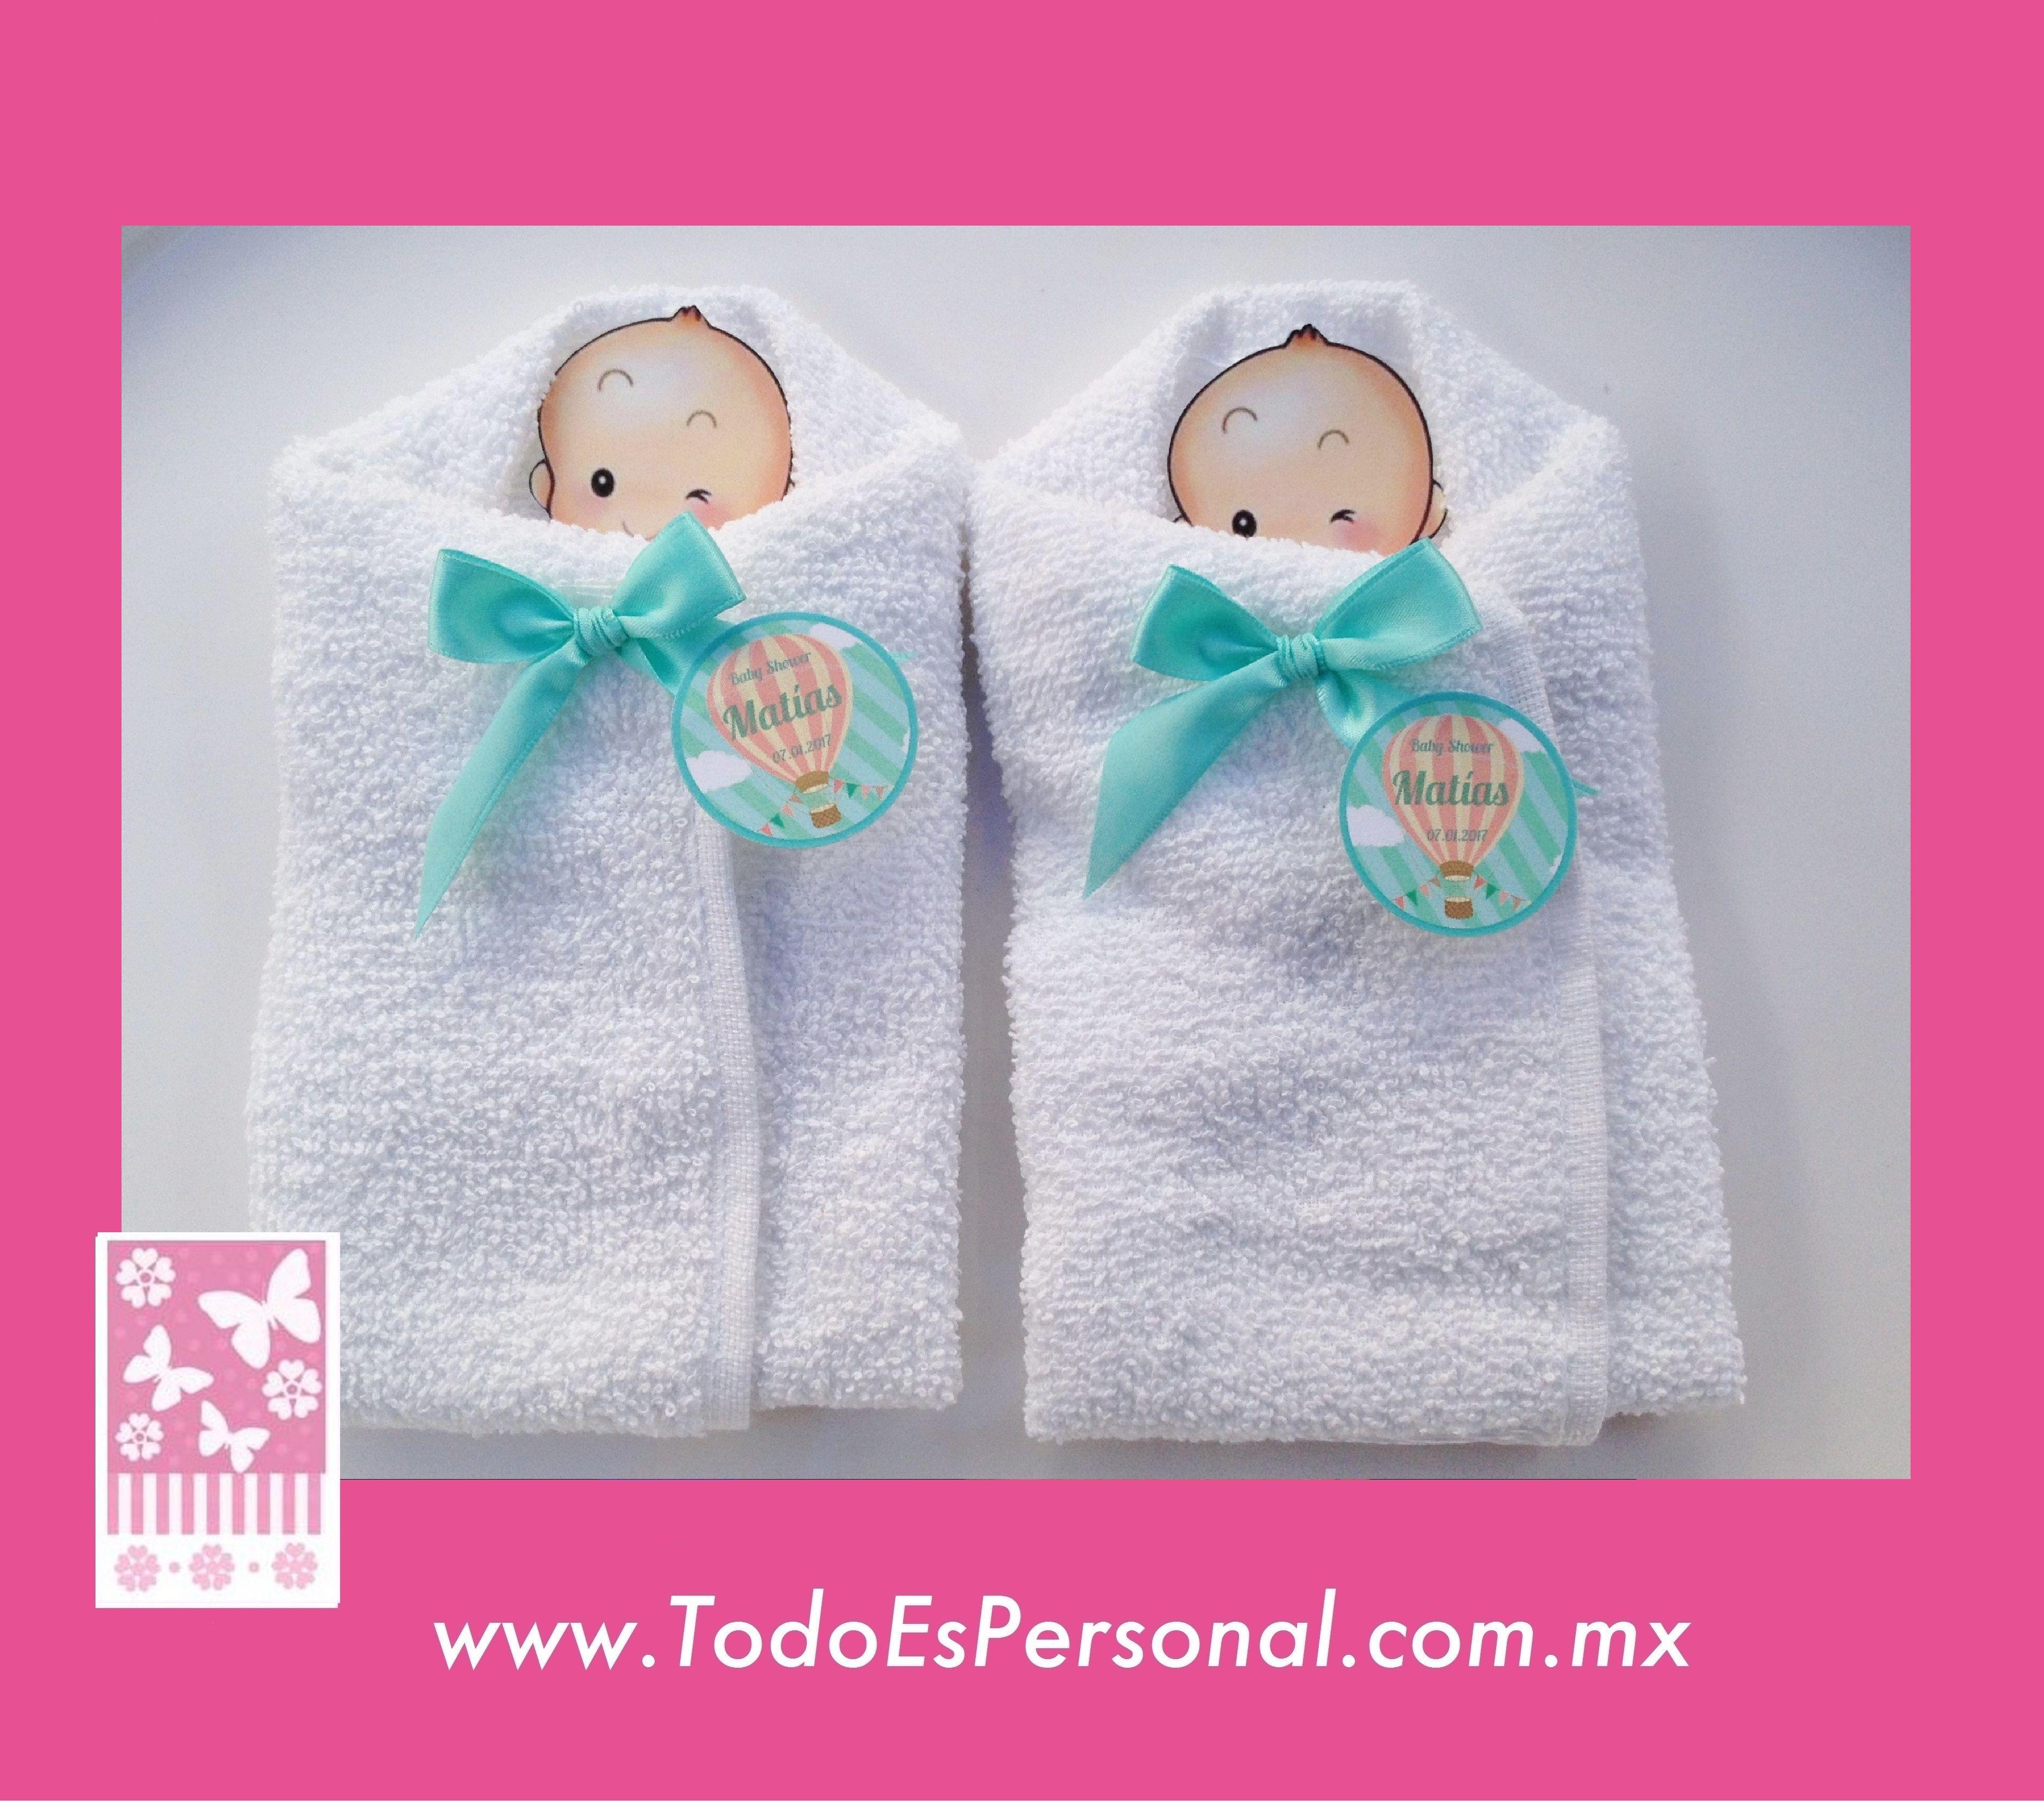 Baby Shower Recuerdos Economicos ~ Beb�s de toalla recuerdos para baby shower detalles